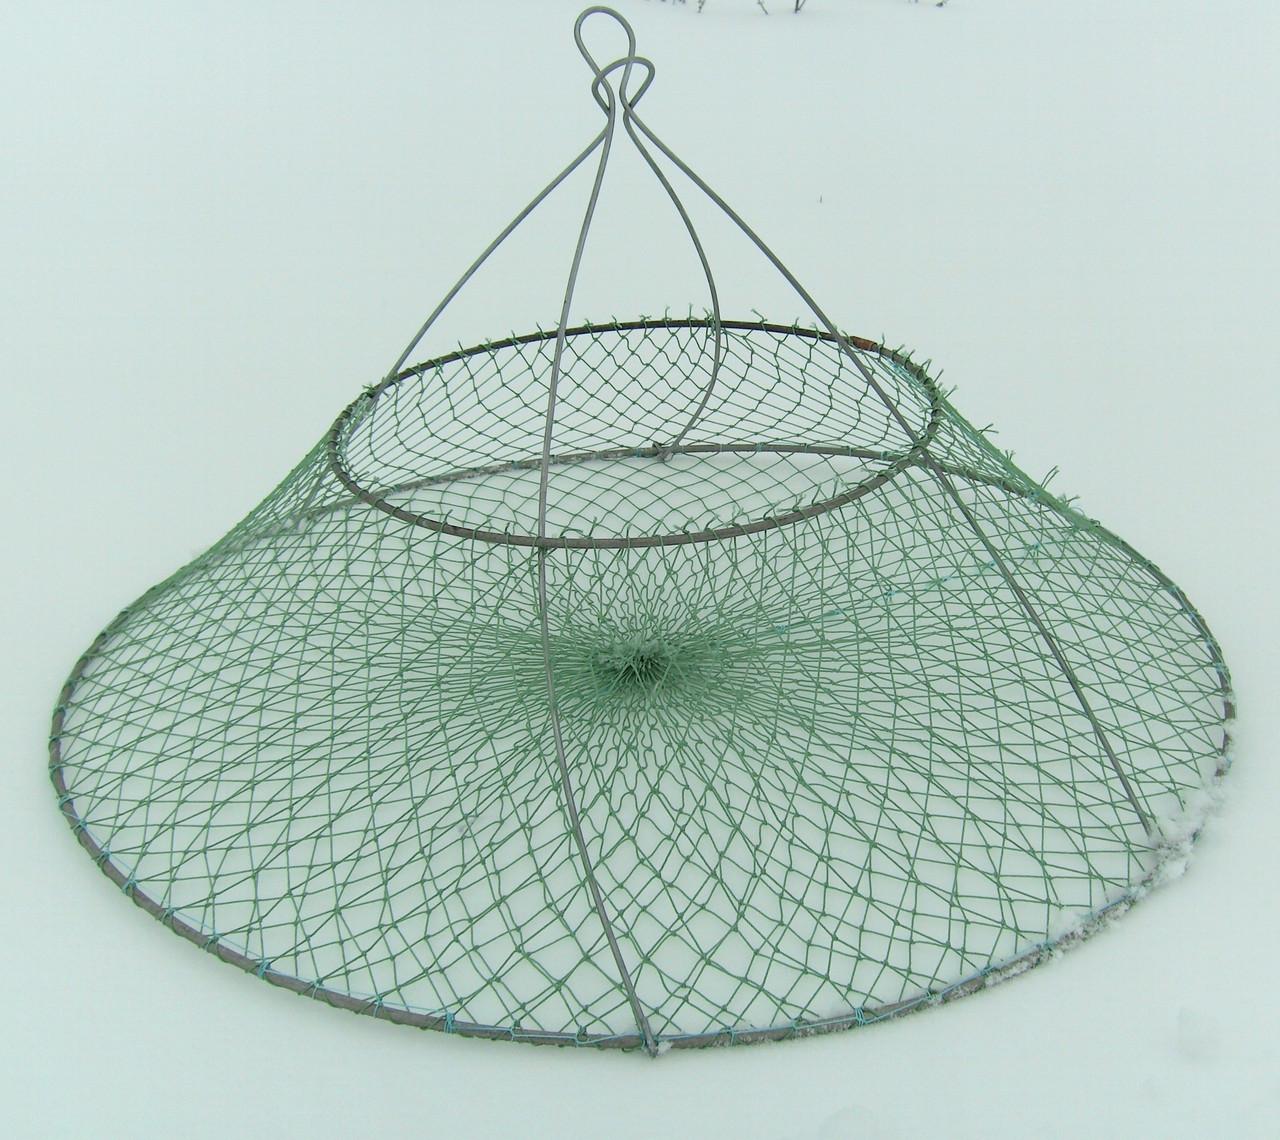 купить сеть для ловли киты